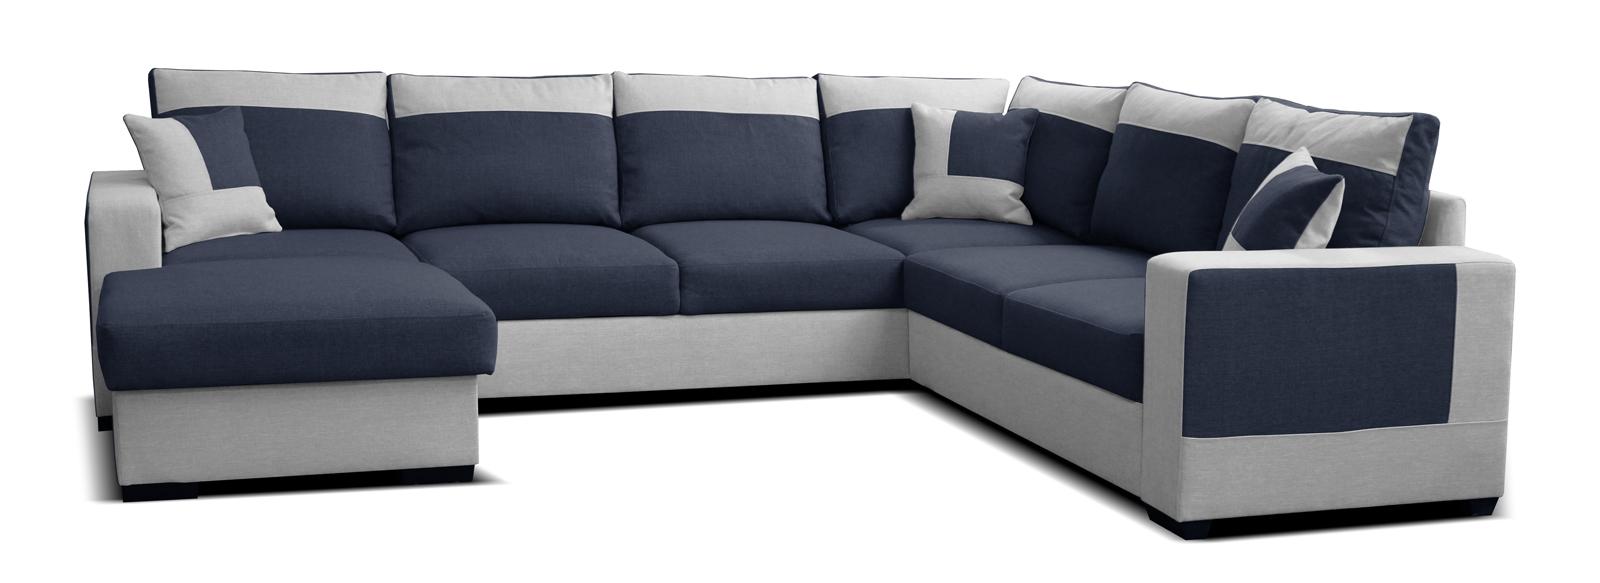 Rohová sedací souprava U - Po-Sed - Mega L+2F+A+2 (modrá + šedá) (L)